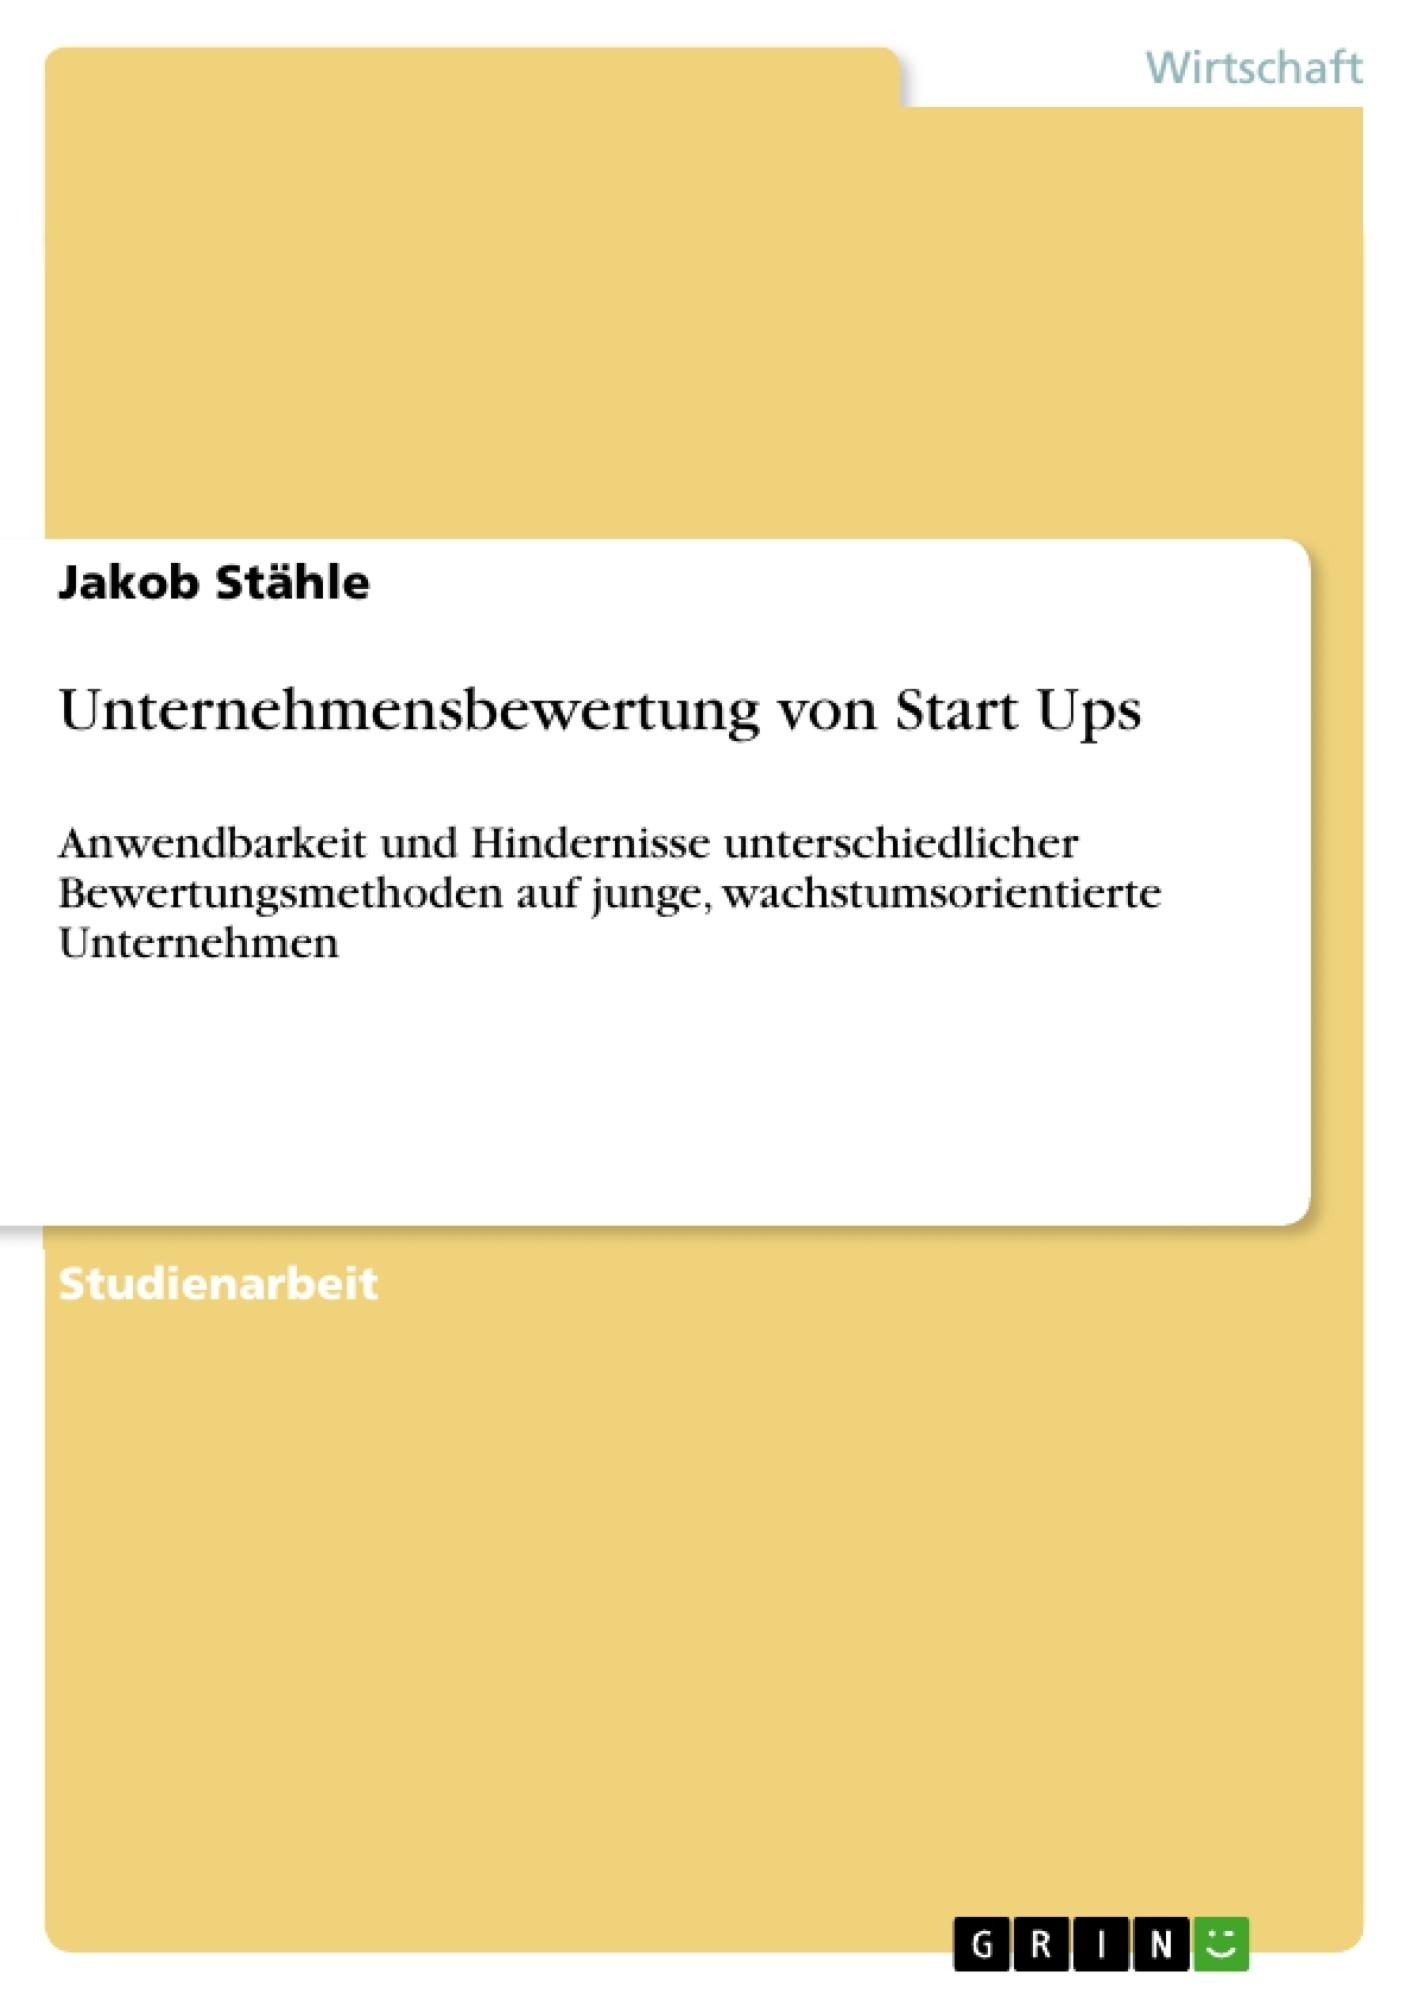 Titel: Unternehmensbewertung von Start Ups